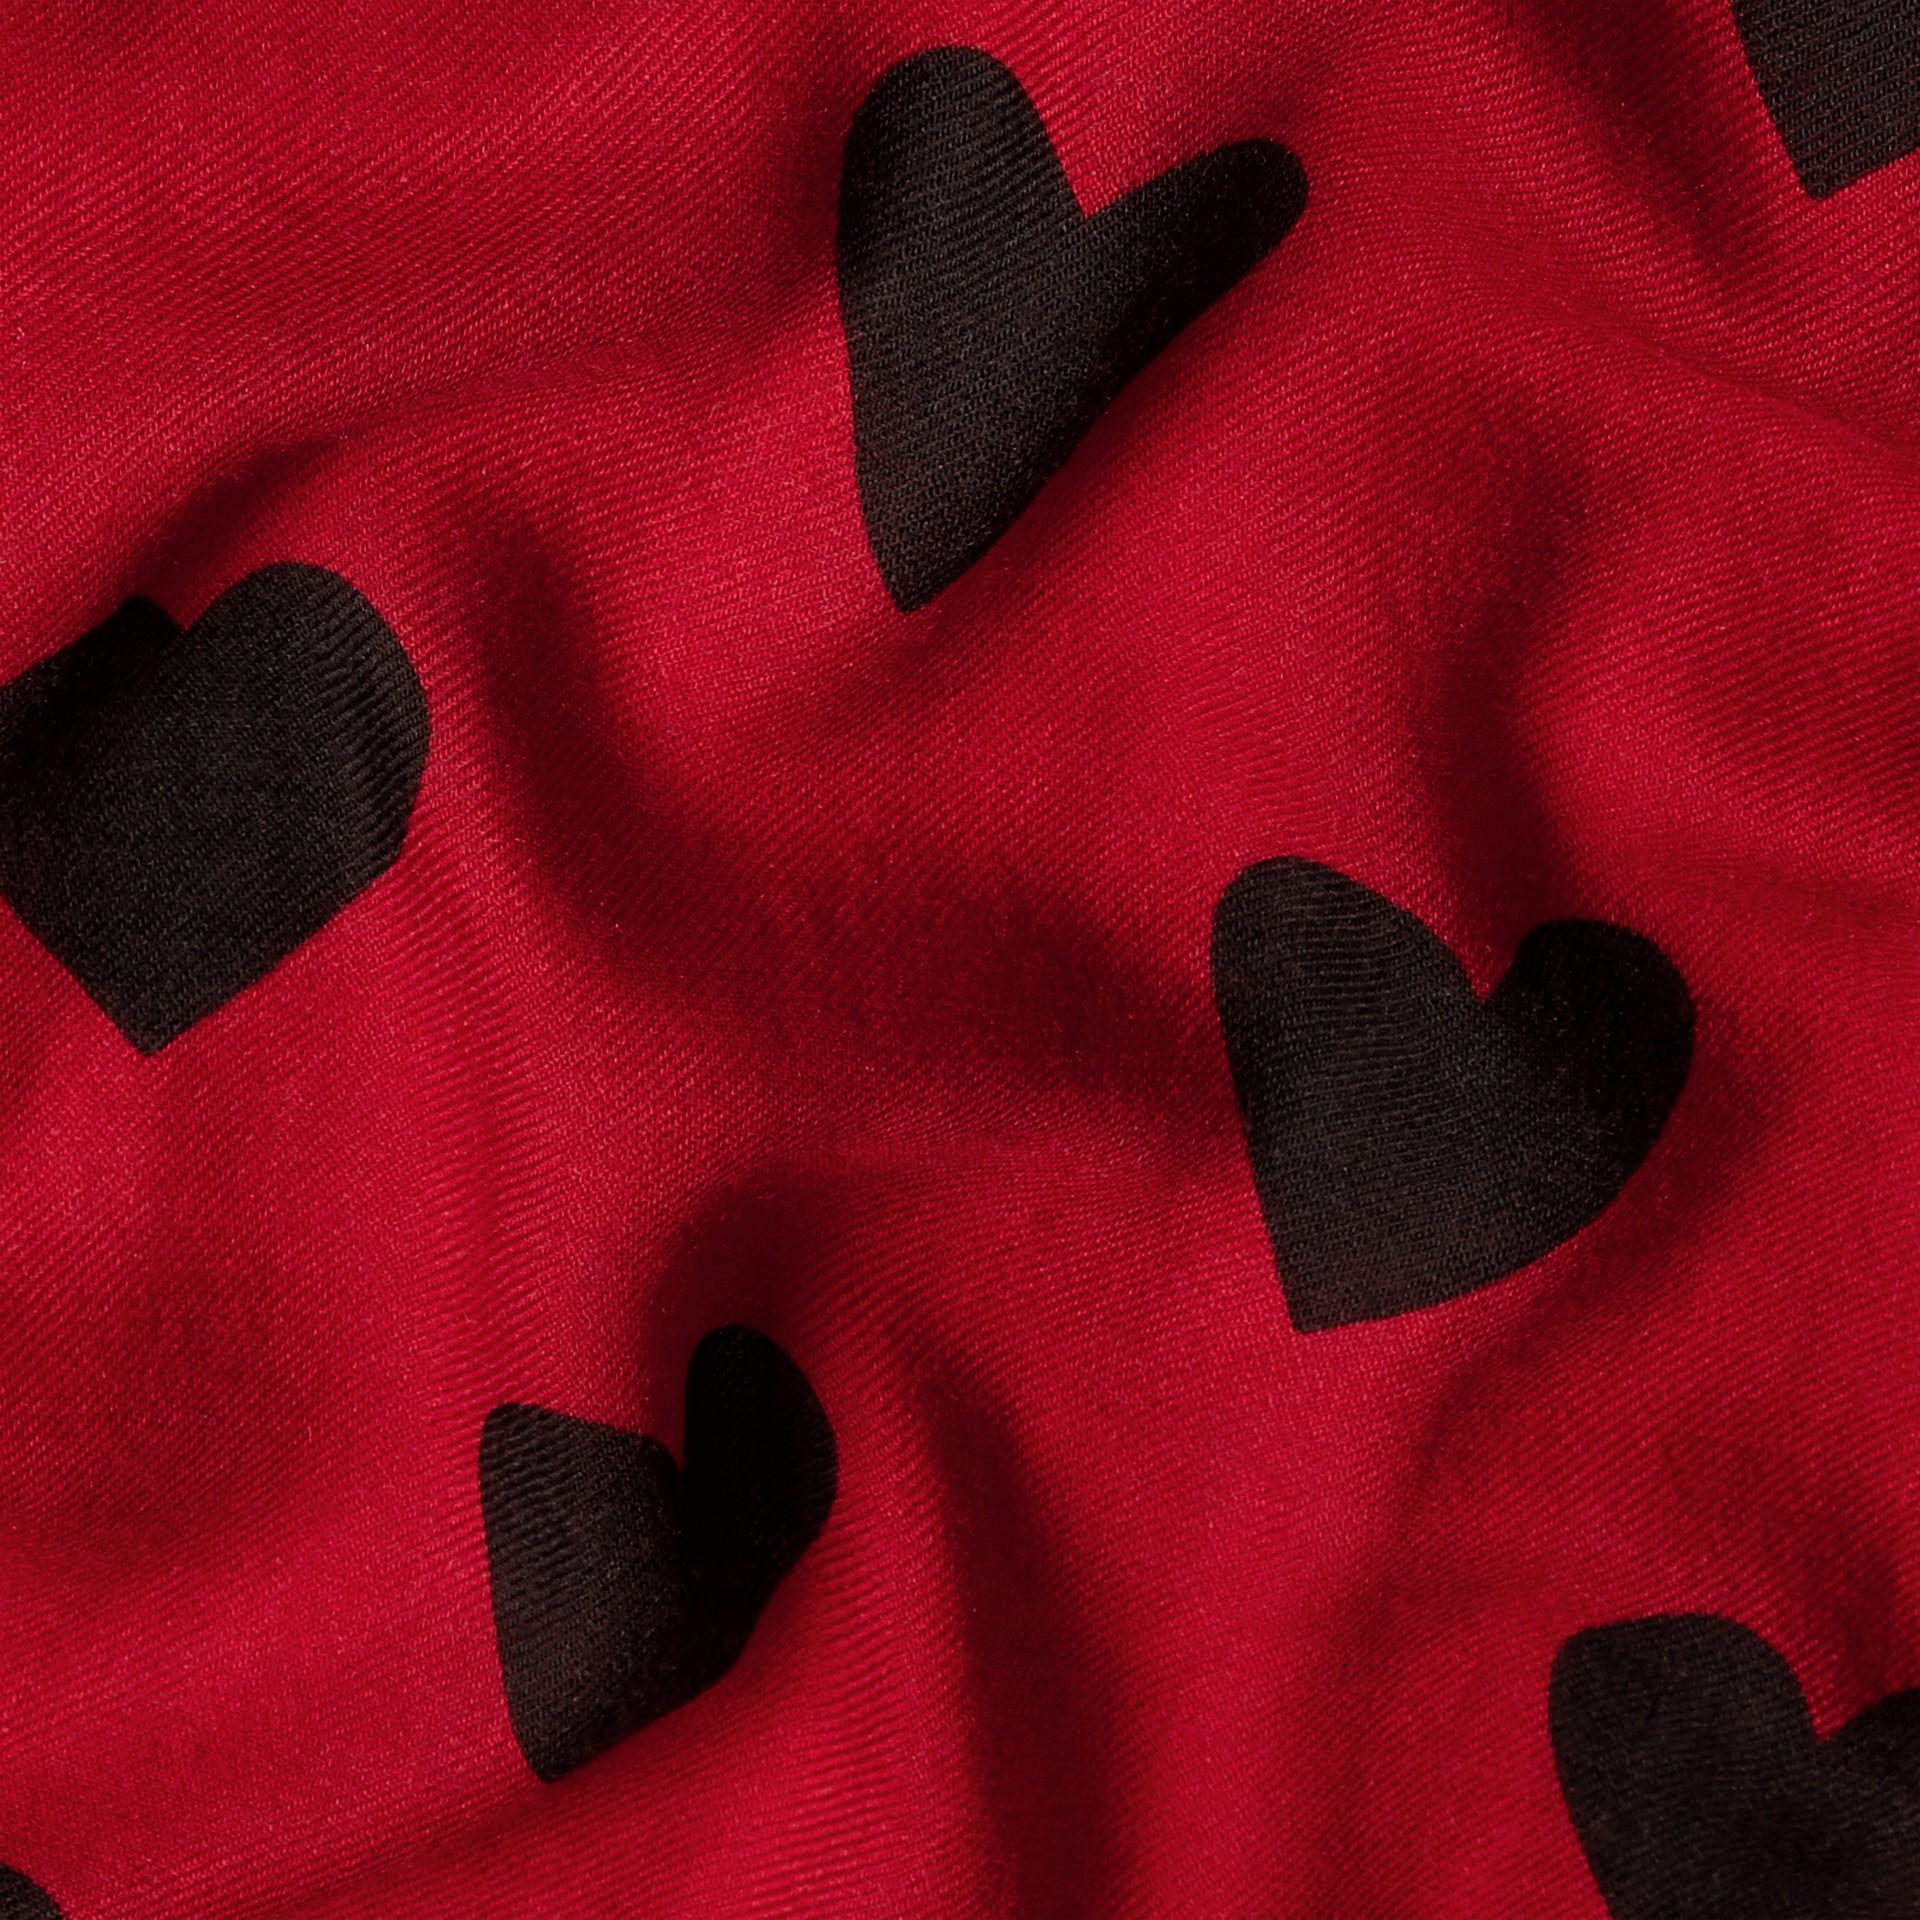 Rouge parade/noir Écharpe légère en cachemire avec imprimé à cœurs Rouge Parade/noir - photo de la galerie 5